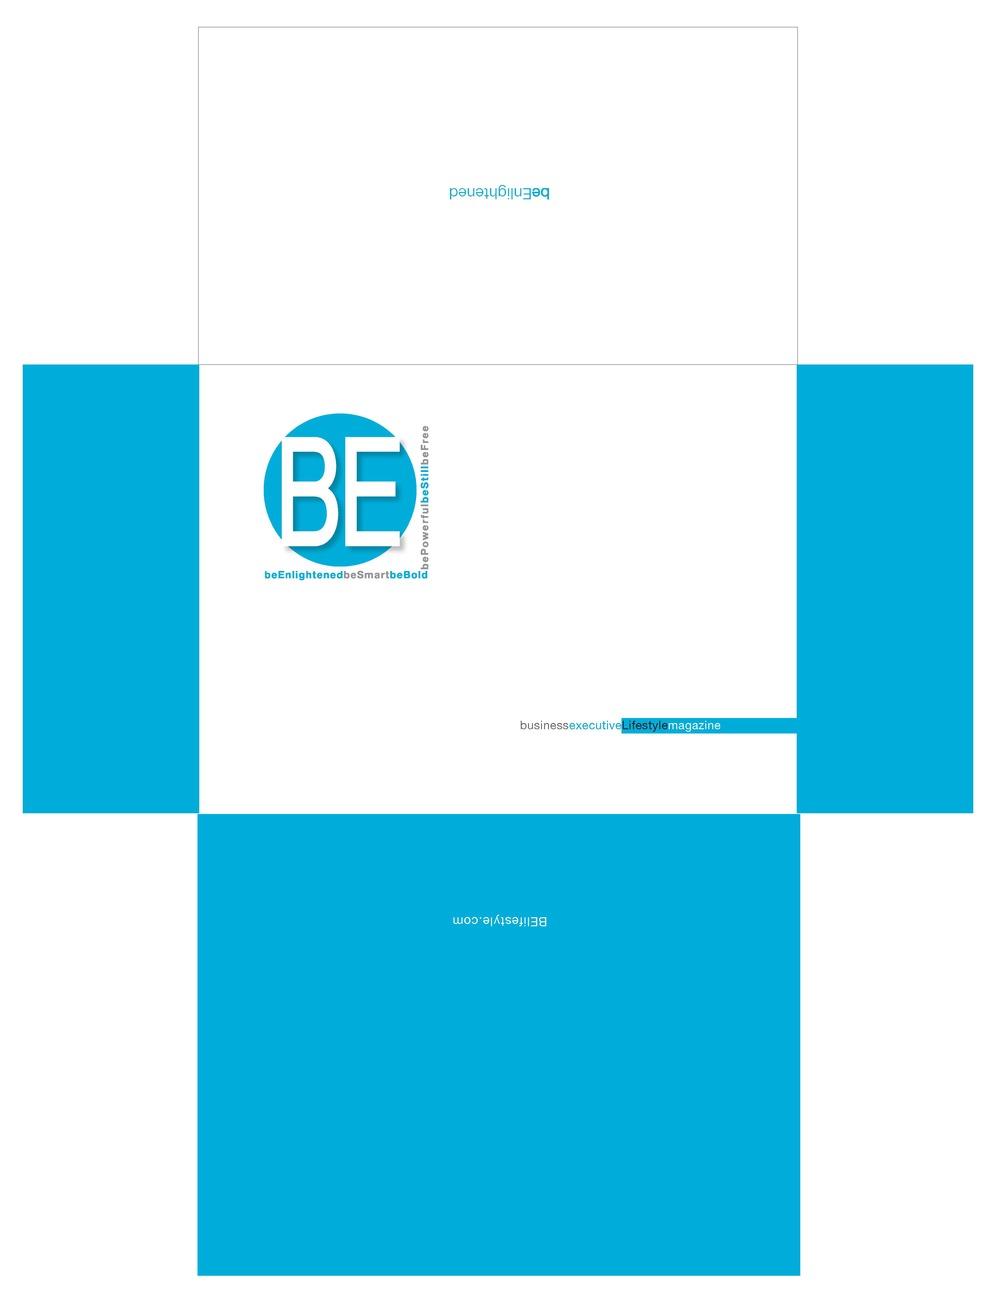 BE-media kit carrier copy 1.jpg